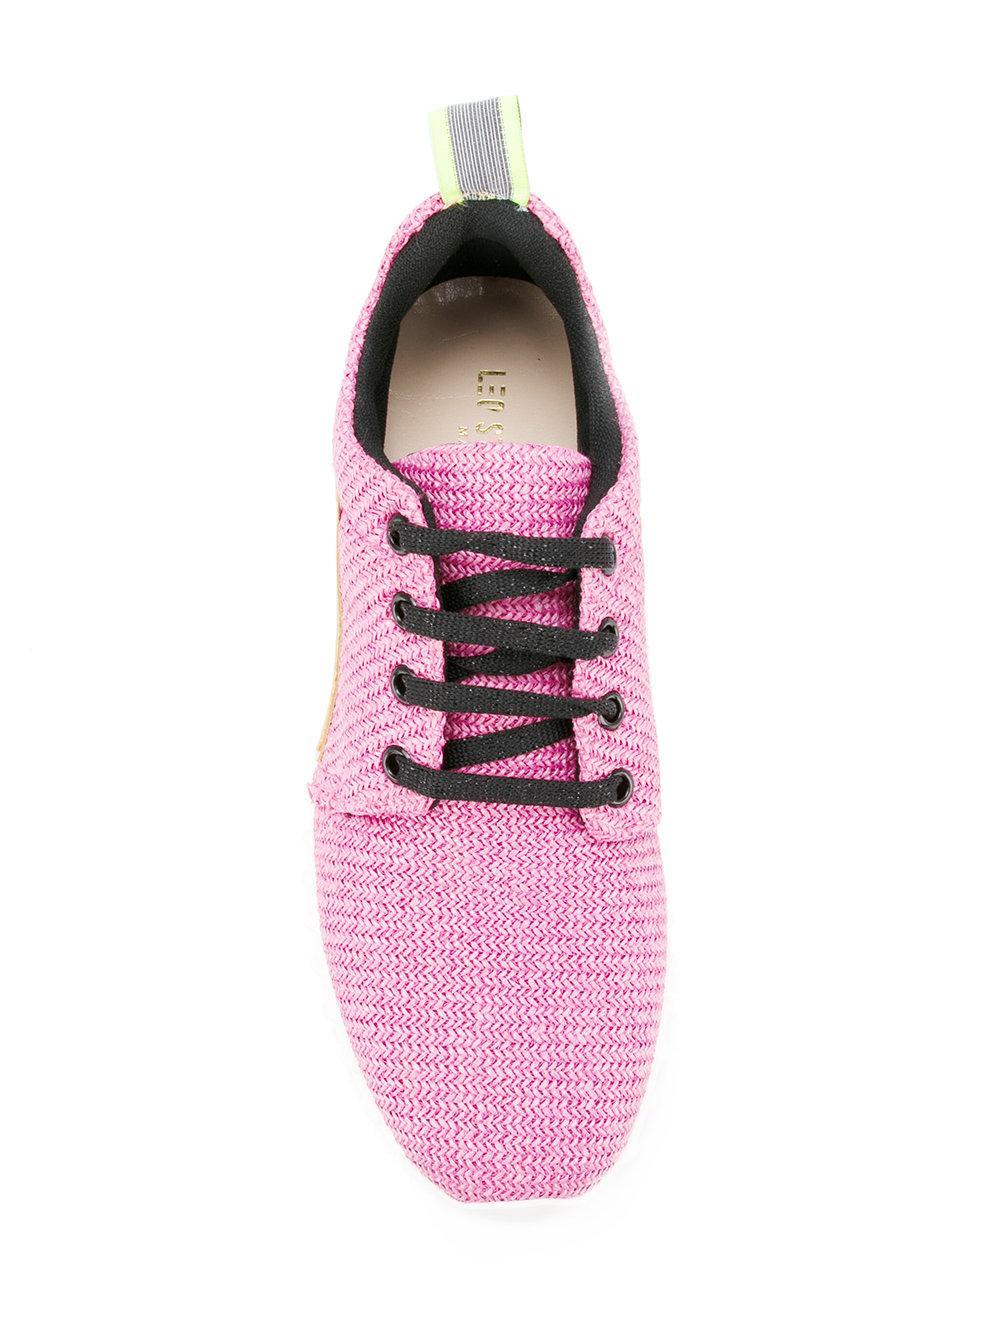 Leos Studio Design Cotton Running Sneakers in Pink/Purple (Pink)